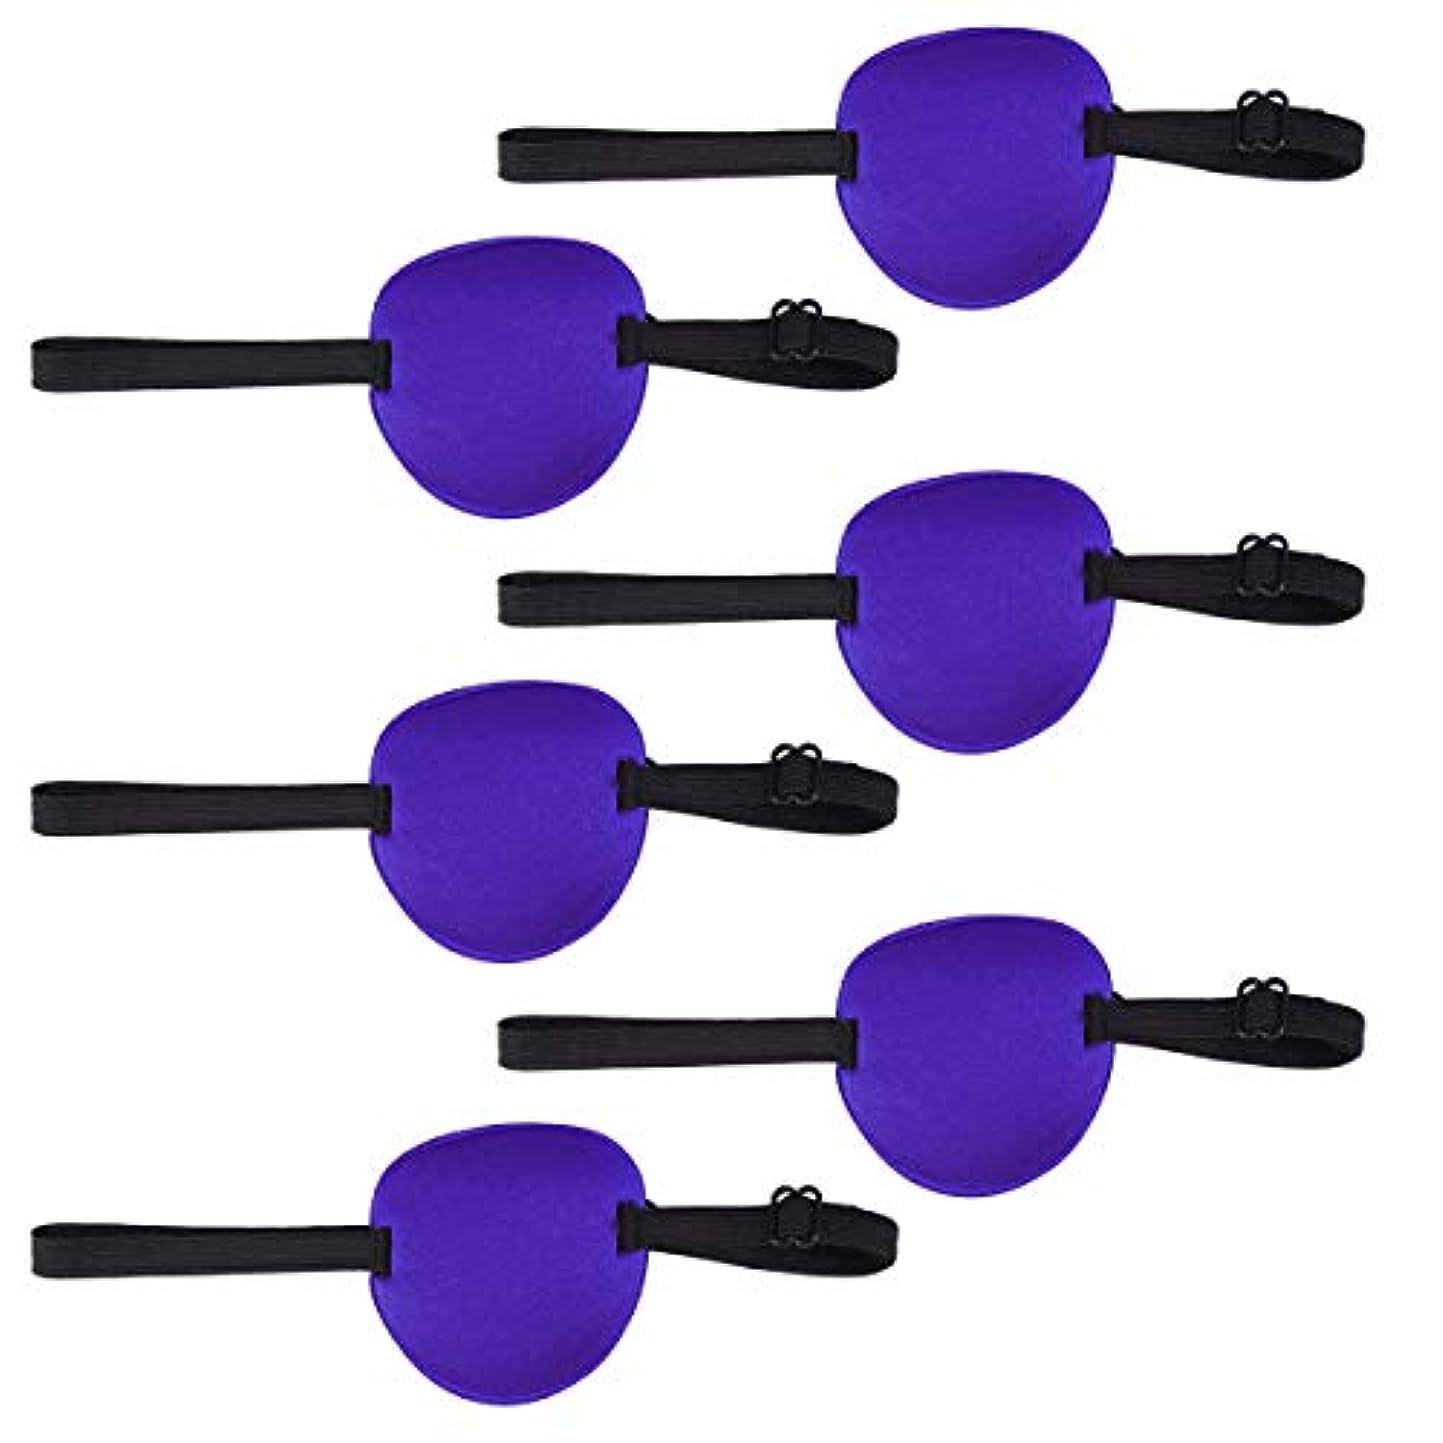 エスニックモンキー仕事Healifty 調節可能な弾性バックル付きアイパッチ弱視スポンジアイパッチ6個(青)